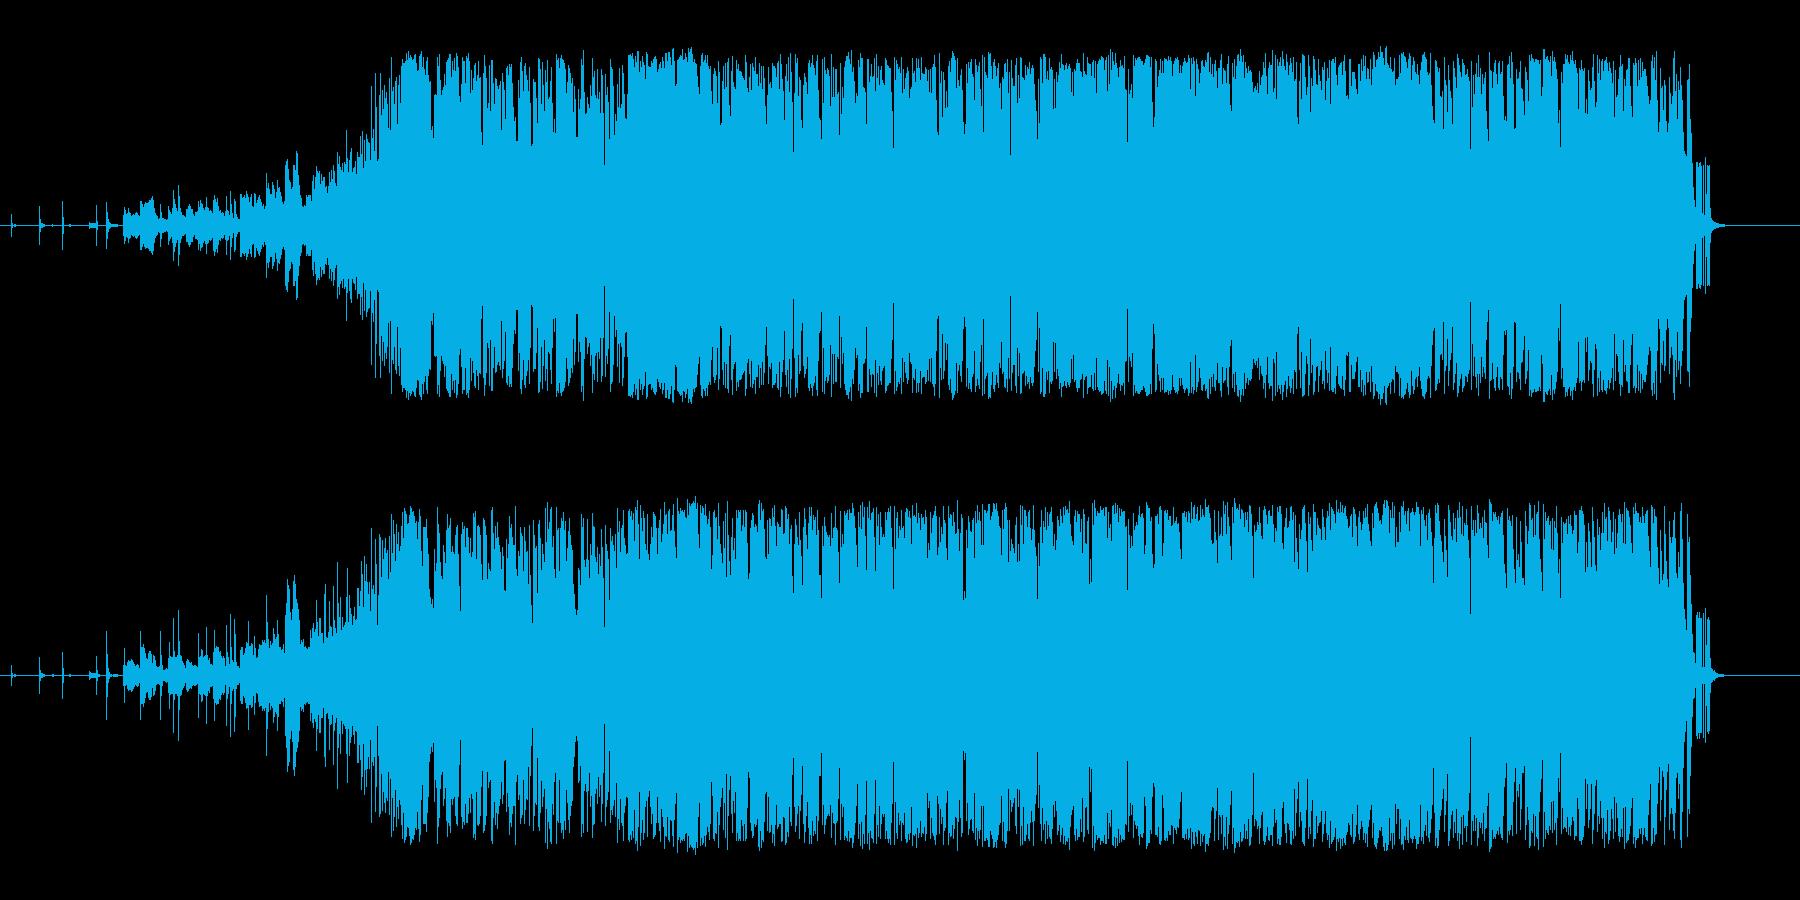 機械的で怪しげな雰囲気から攻めるピアノの再生済みの波形